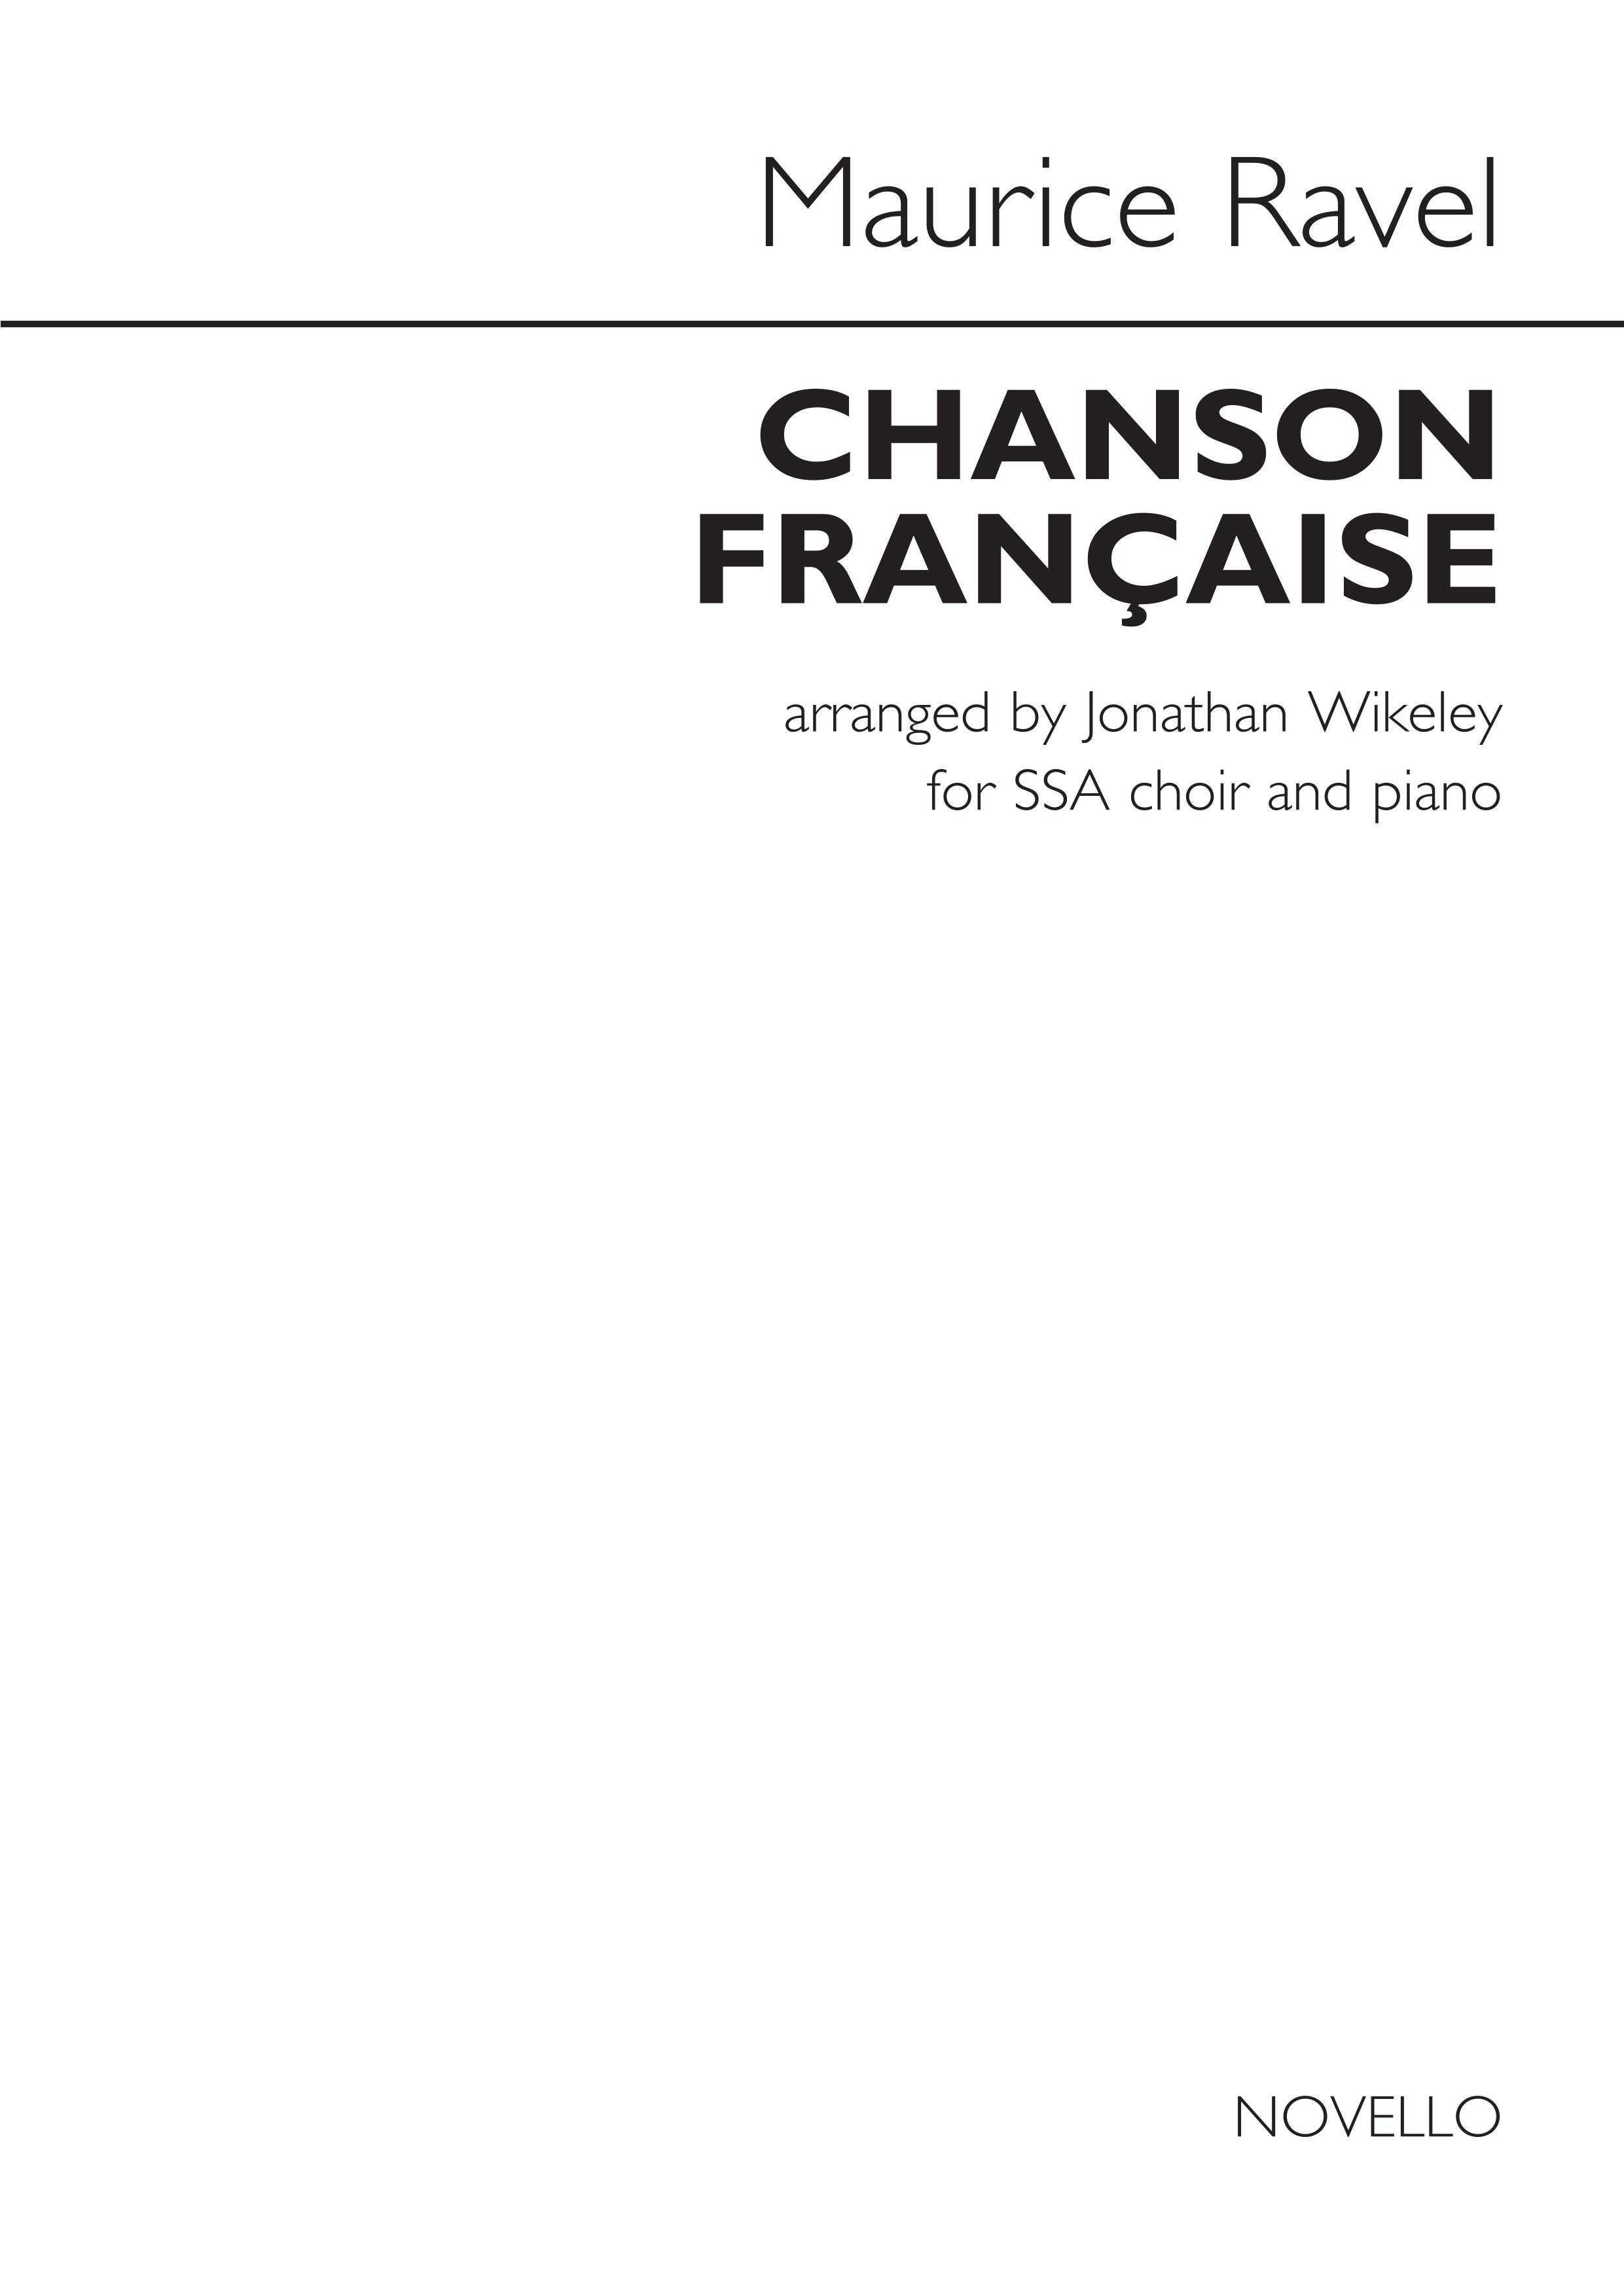 Maurice Ravel: Chanson Française: SATB: Vocal Score